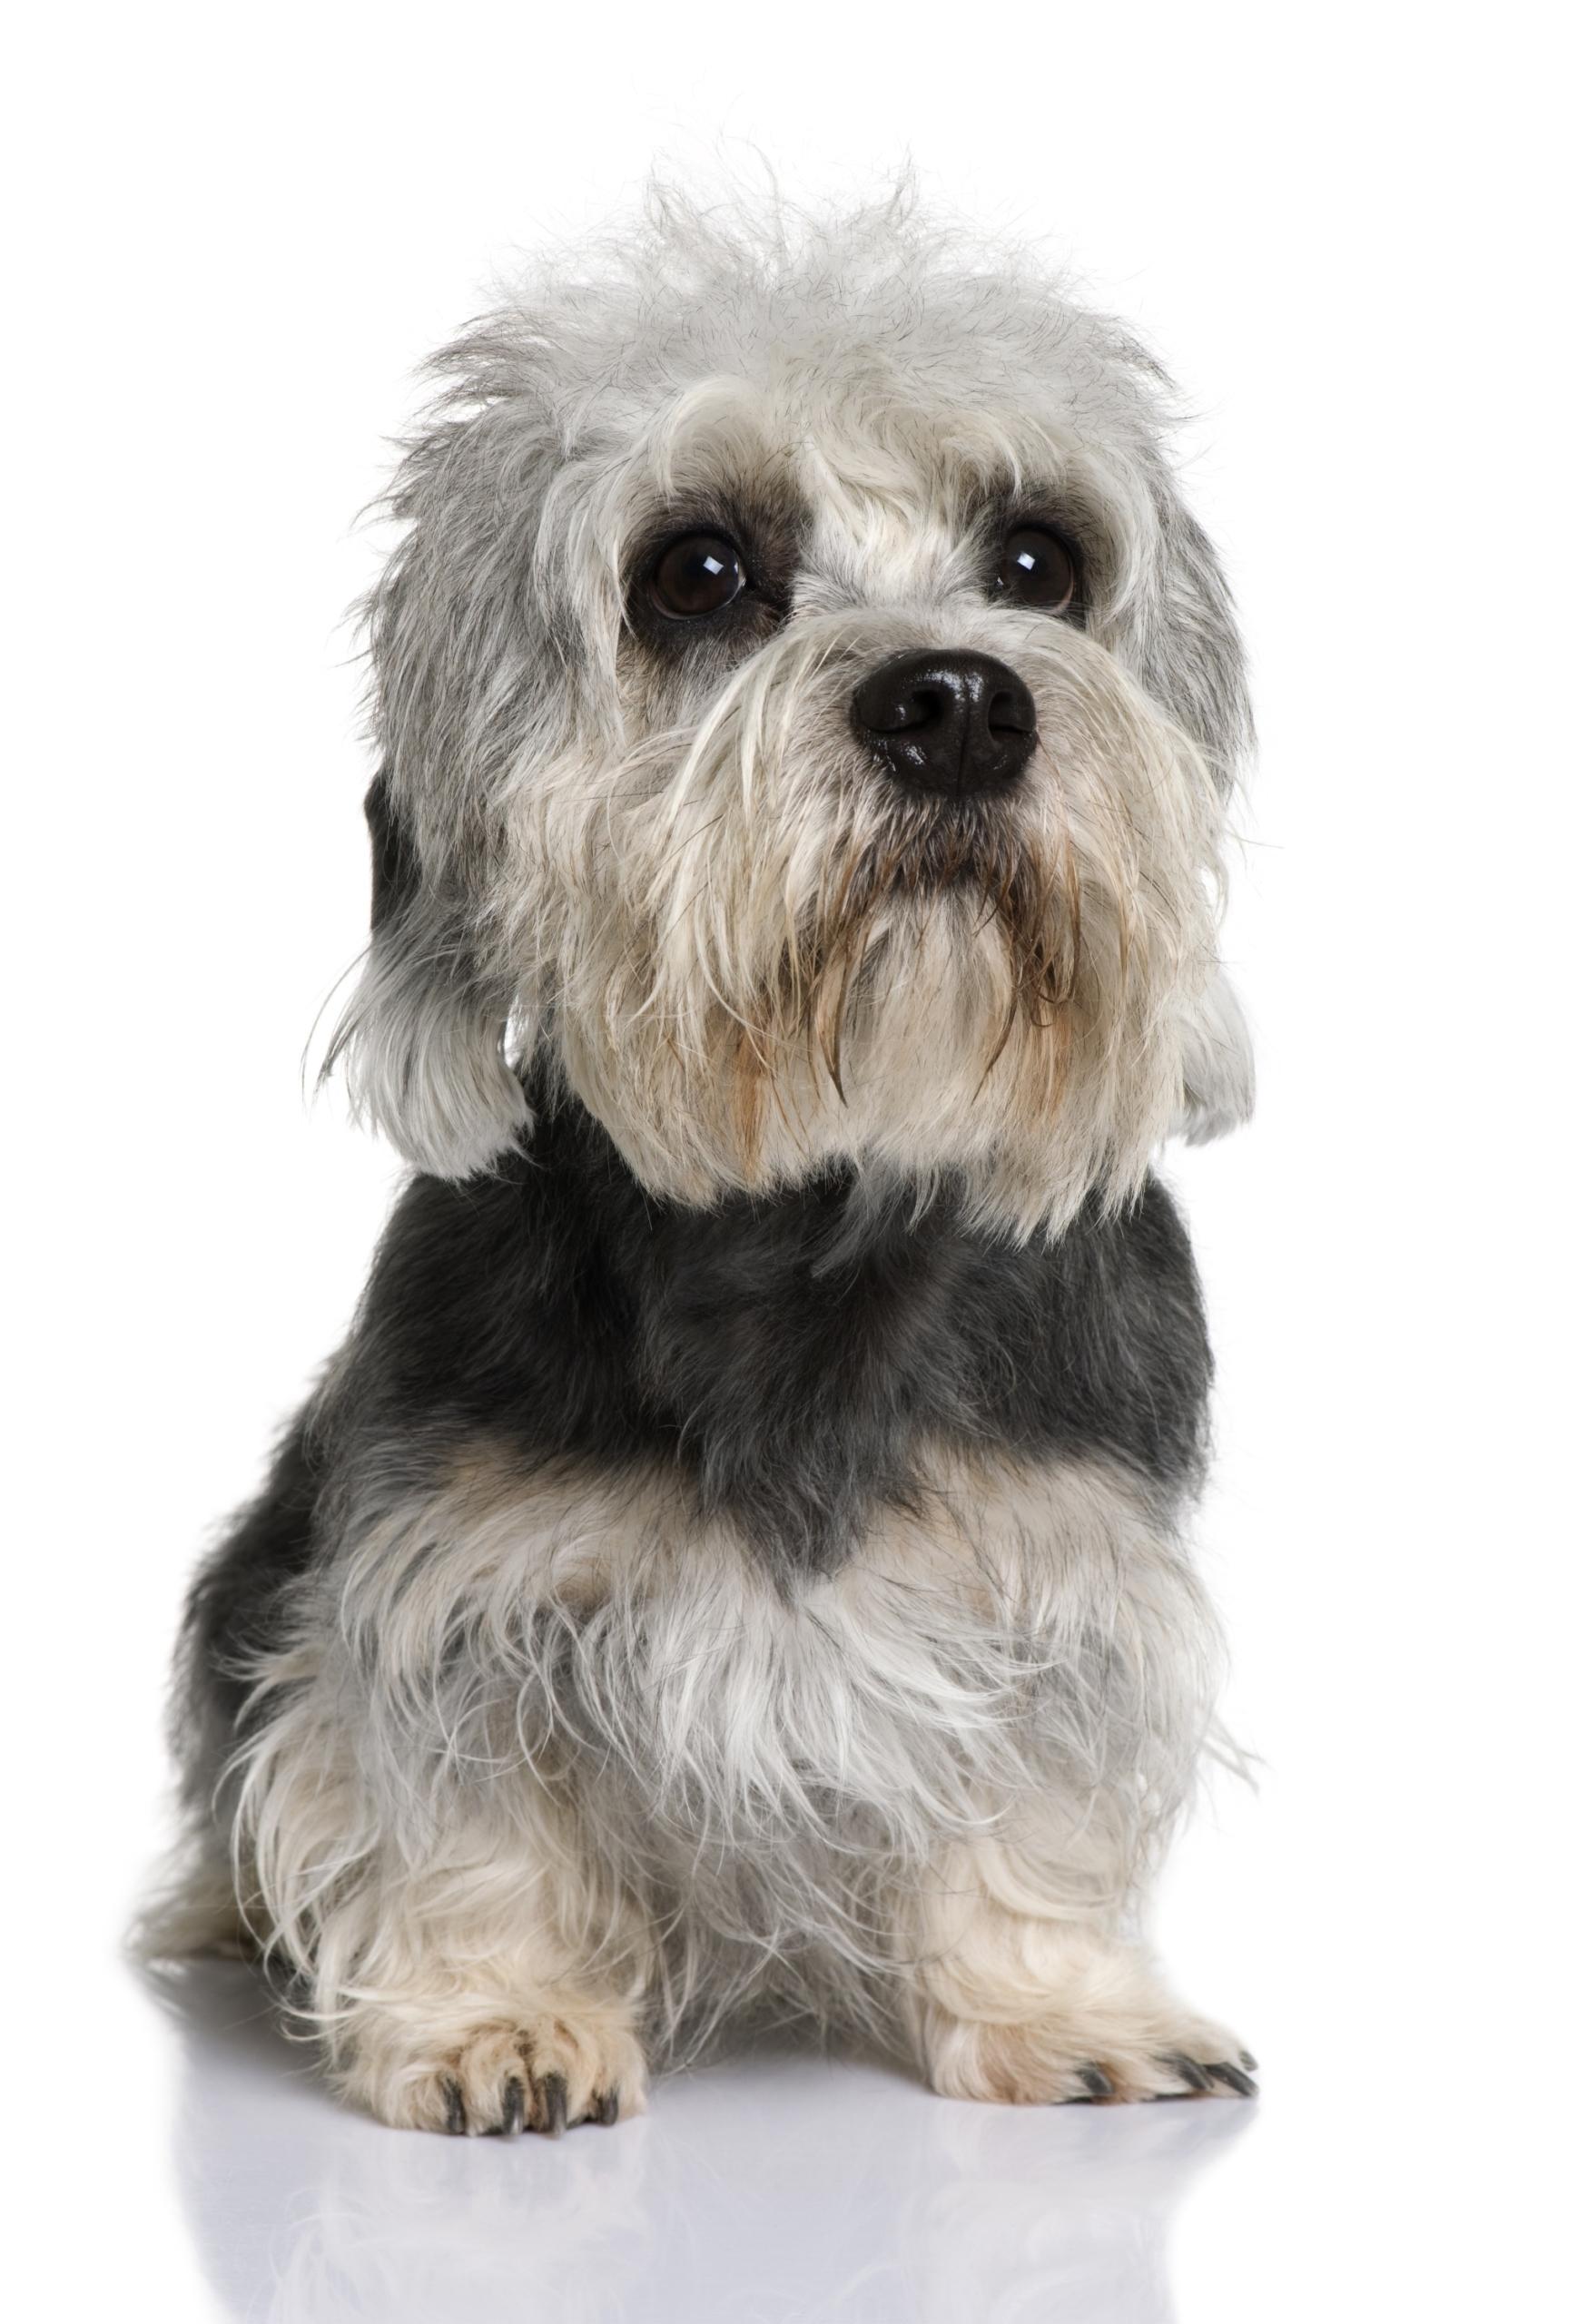 A portrait of a Dandie Dinmont Terrier